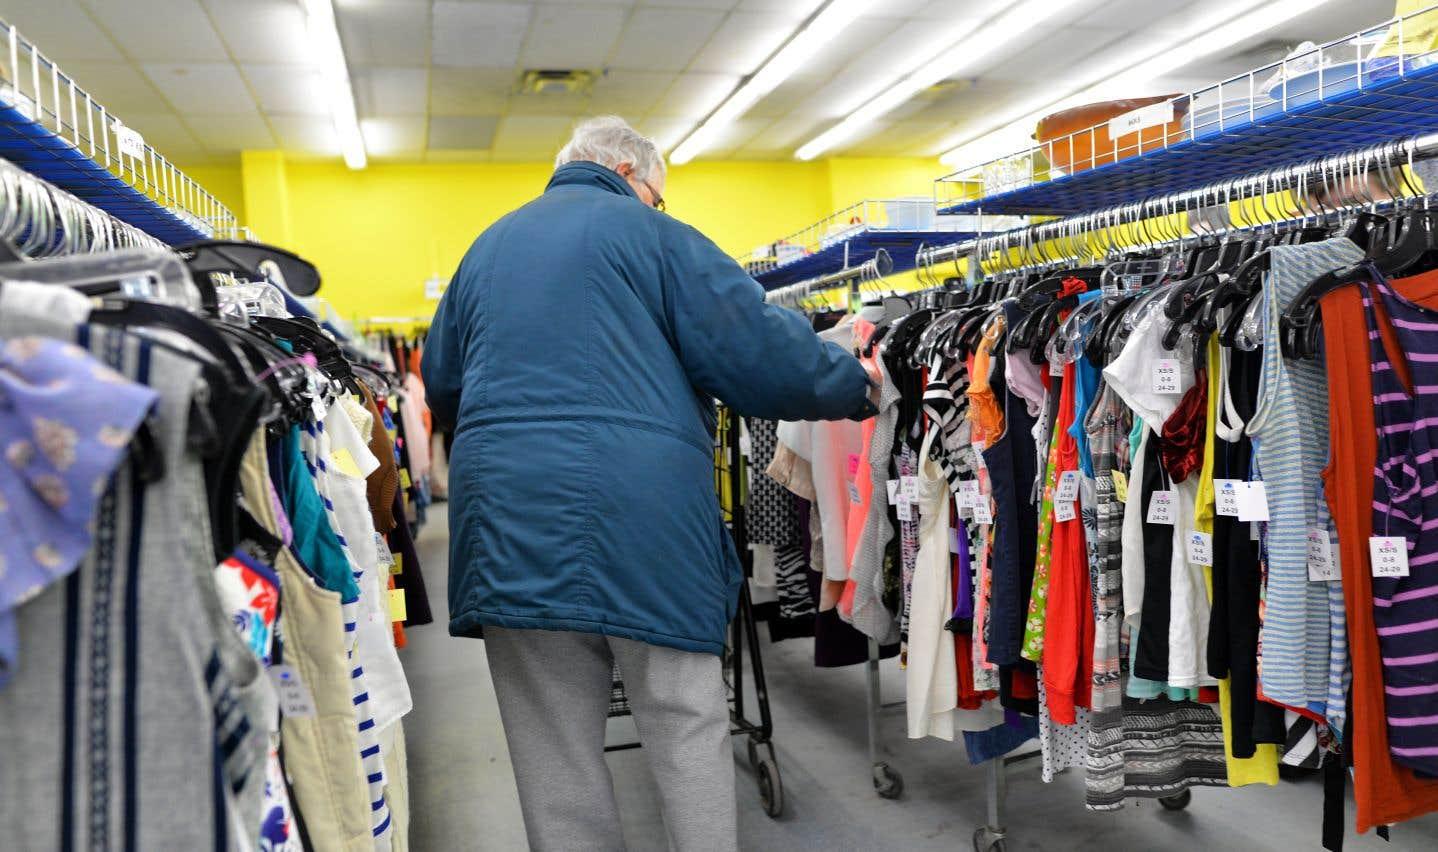 Les vêtements des friperies pourraient ne plus connaître le rebut et avoir une deuxième vie.